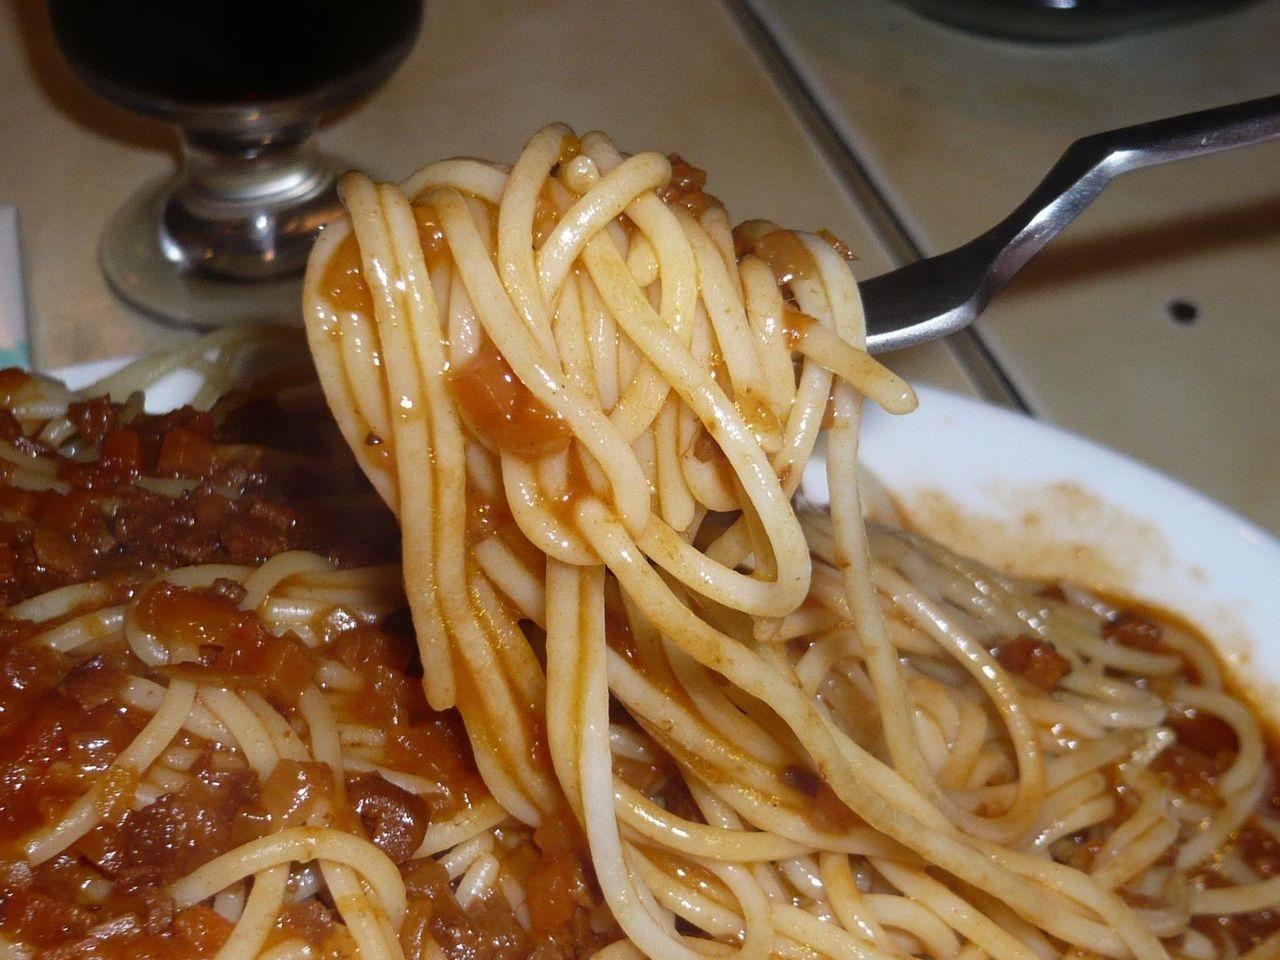 細めのパスタに懐かしい味わいのミートソースがタップリ!